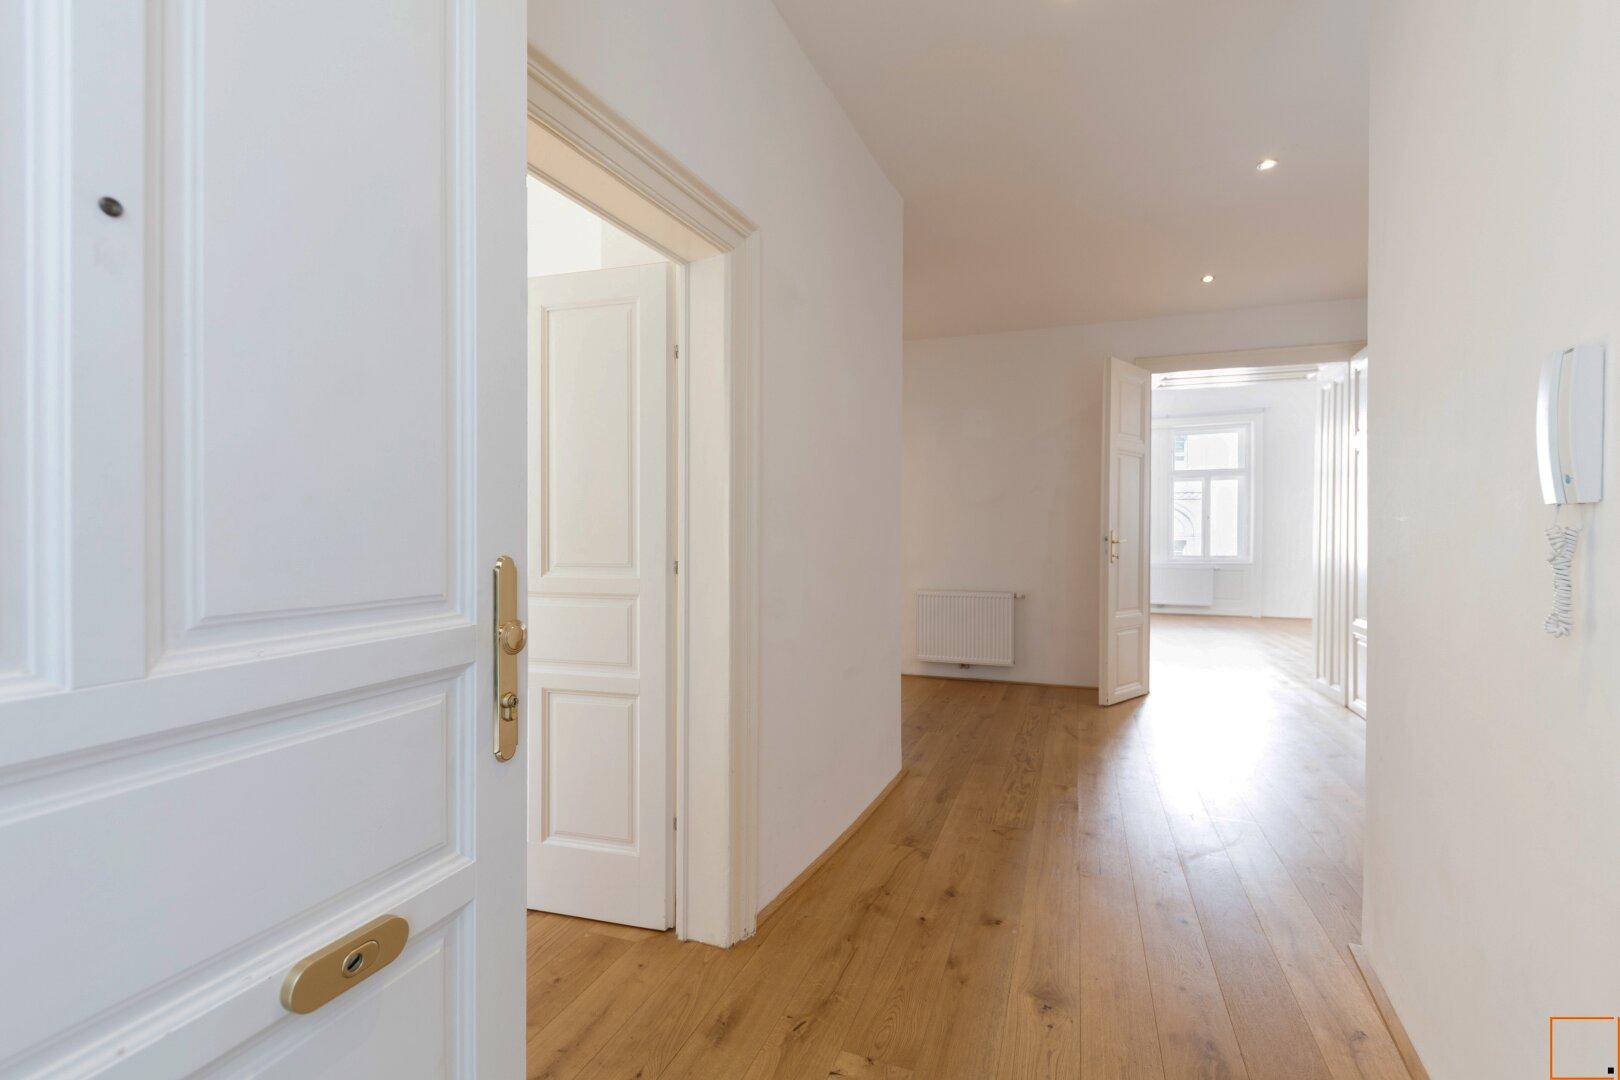 Blick von Eingangstüre in Richtung Gäste- und Wohnzimmer